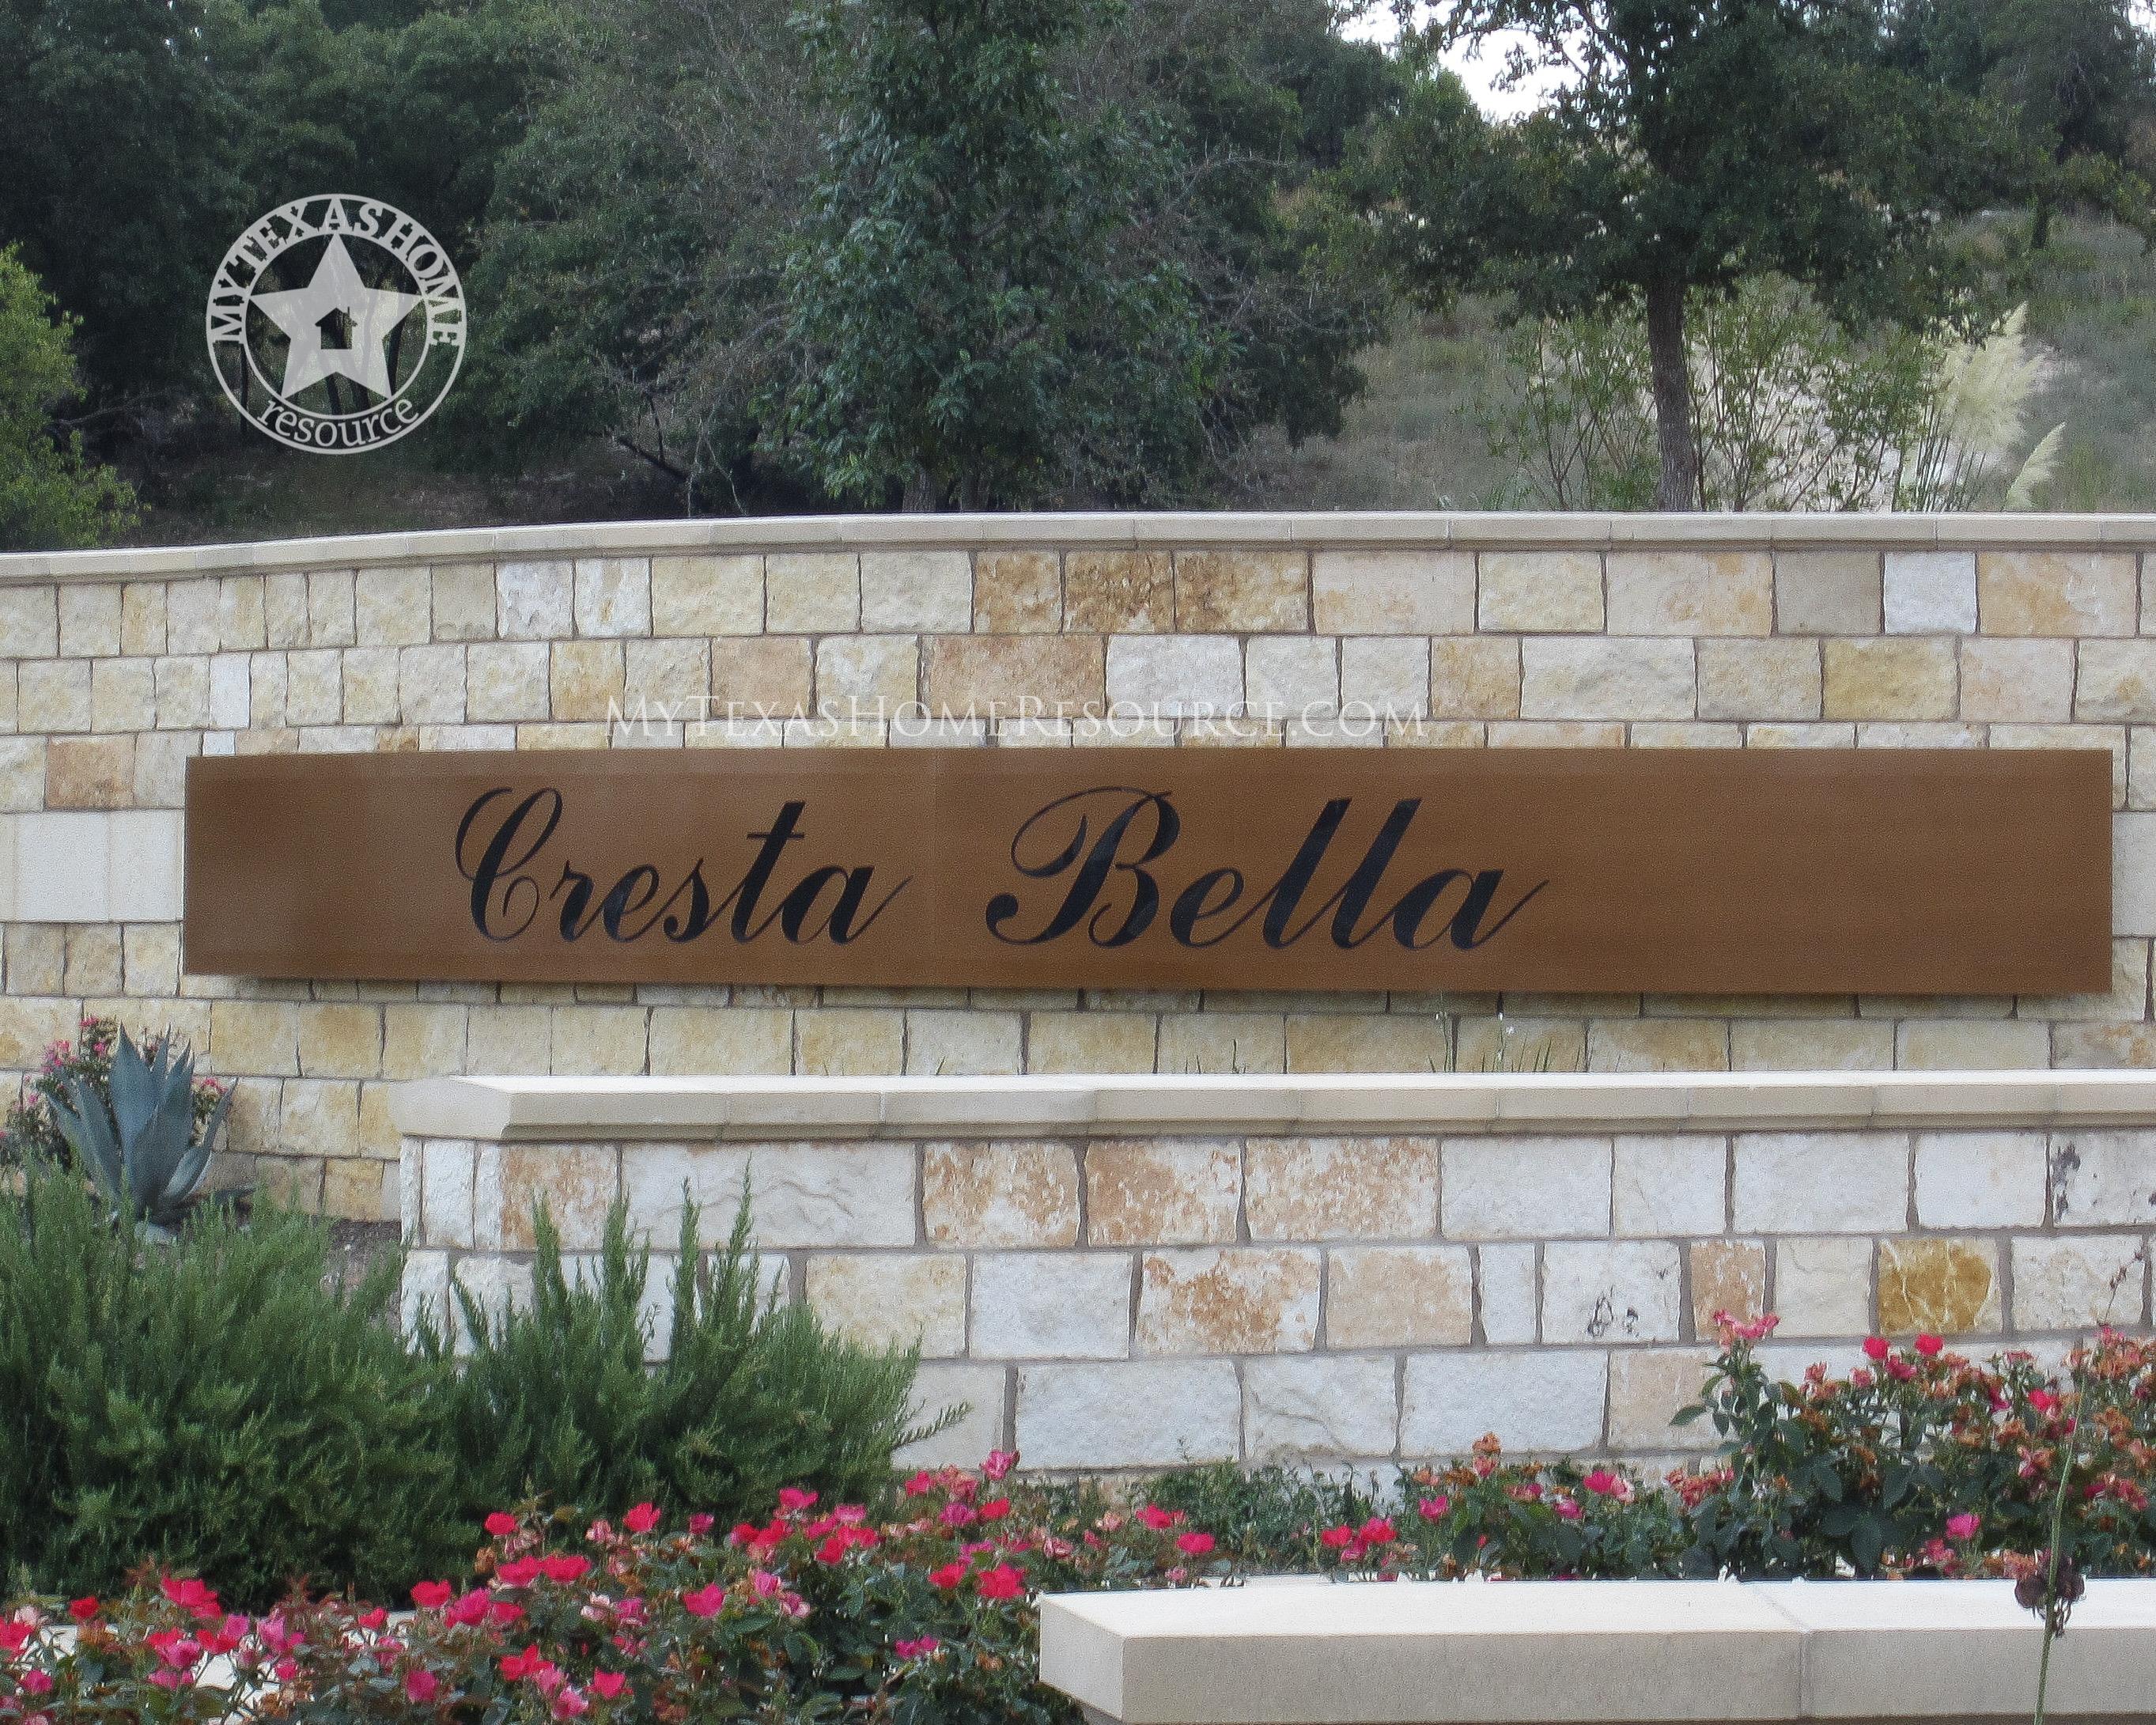 Cresta Bella Community San Antonio, TX